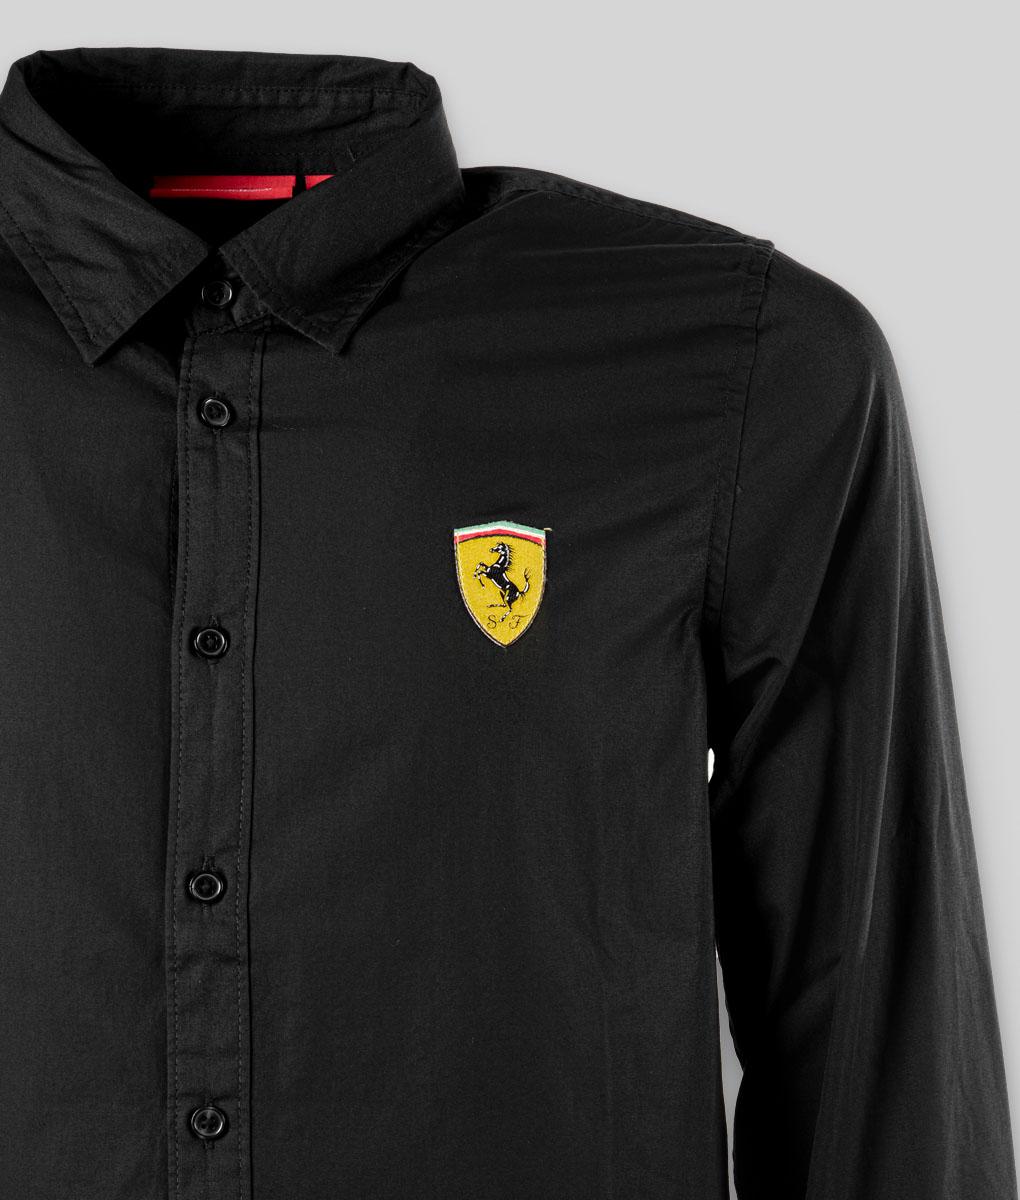 Scuderia Ferrari Camicia Ufficiale Uomo Manica Lunga